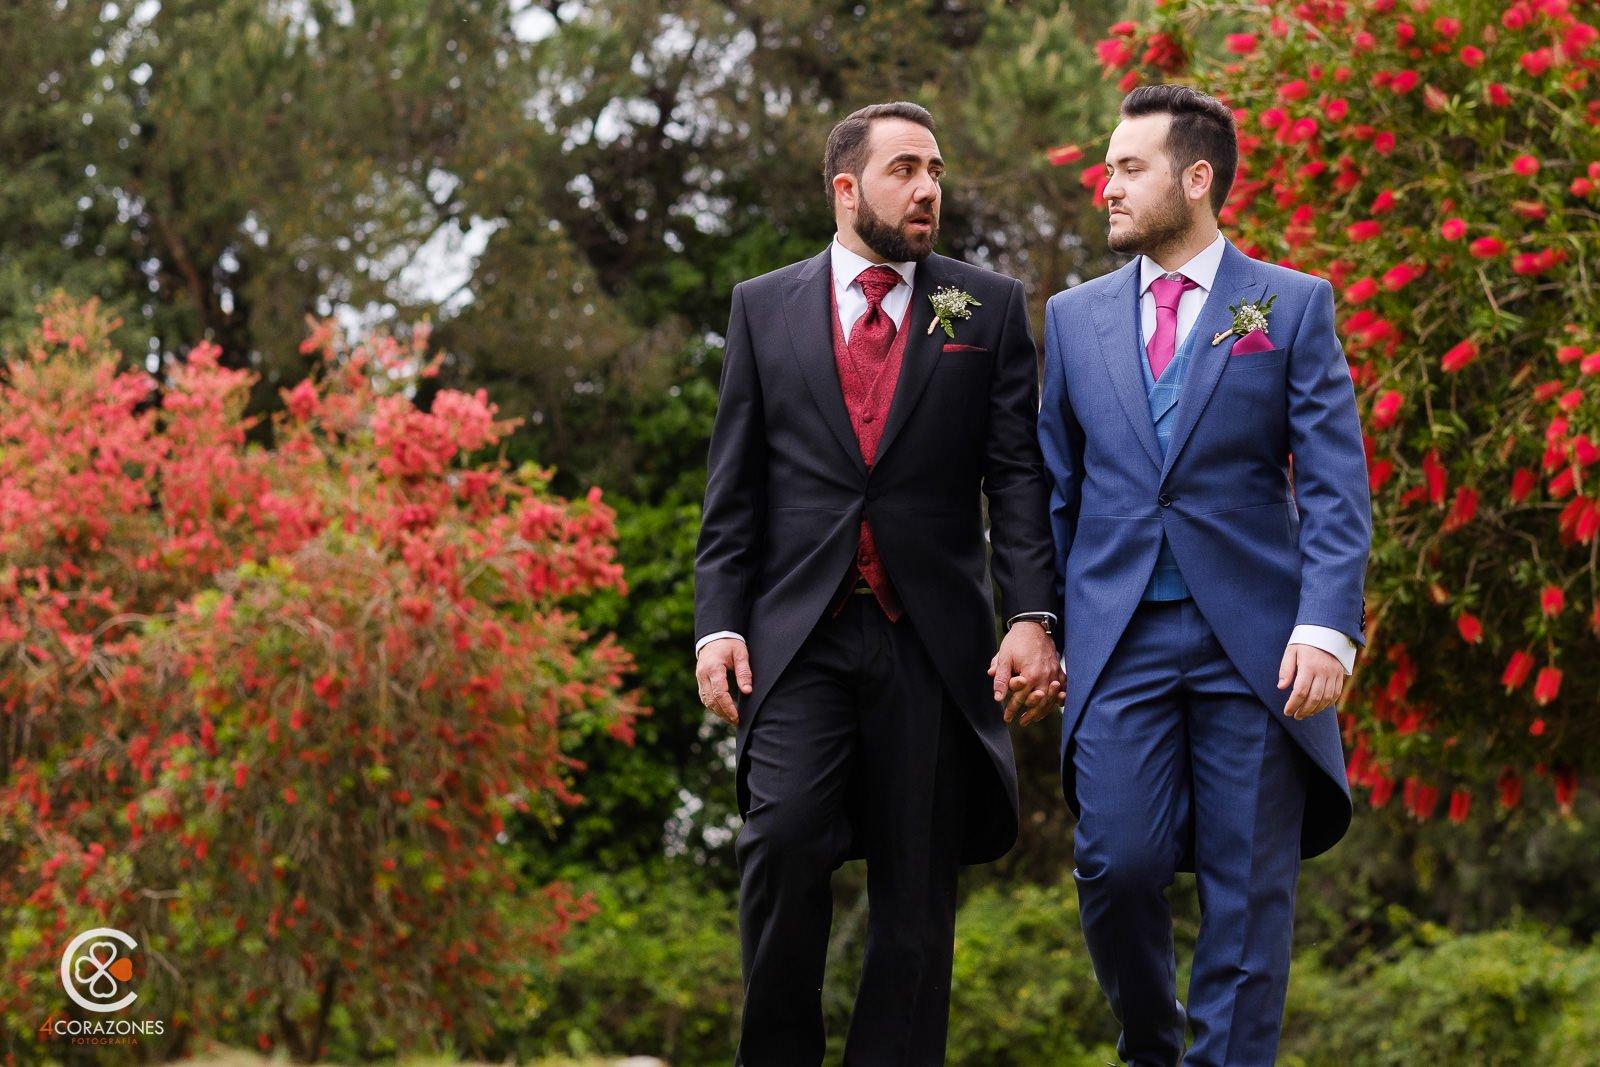 Boda gay en el hotel Guadacorte Park Fran y Manuel 037 cuatro corazones fotografia juanlu corrales